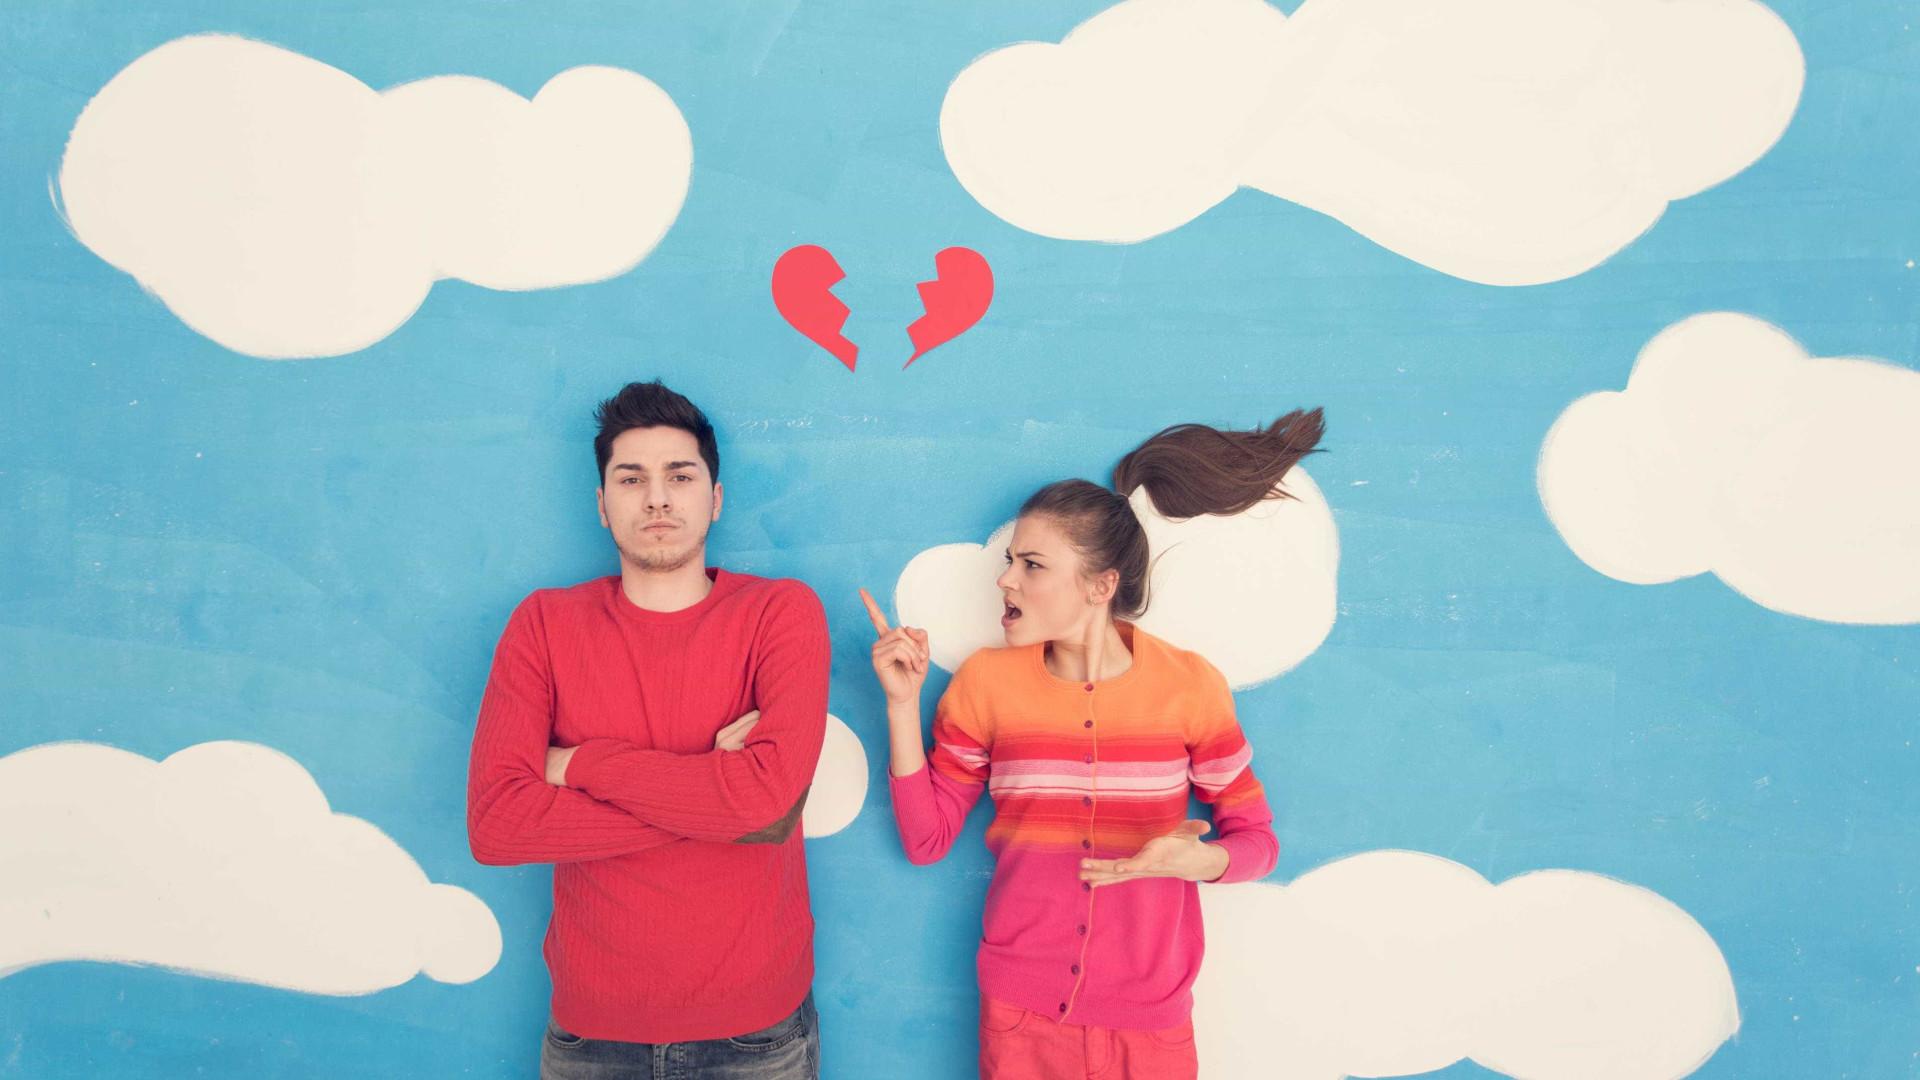 Cinco discussões que todos os casais têm